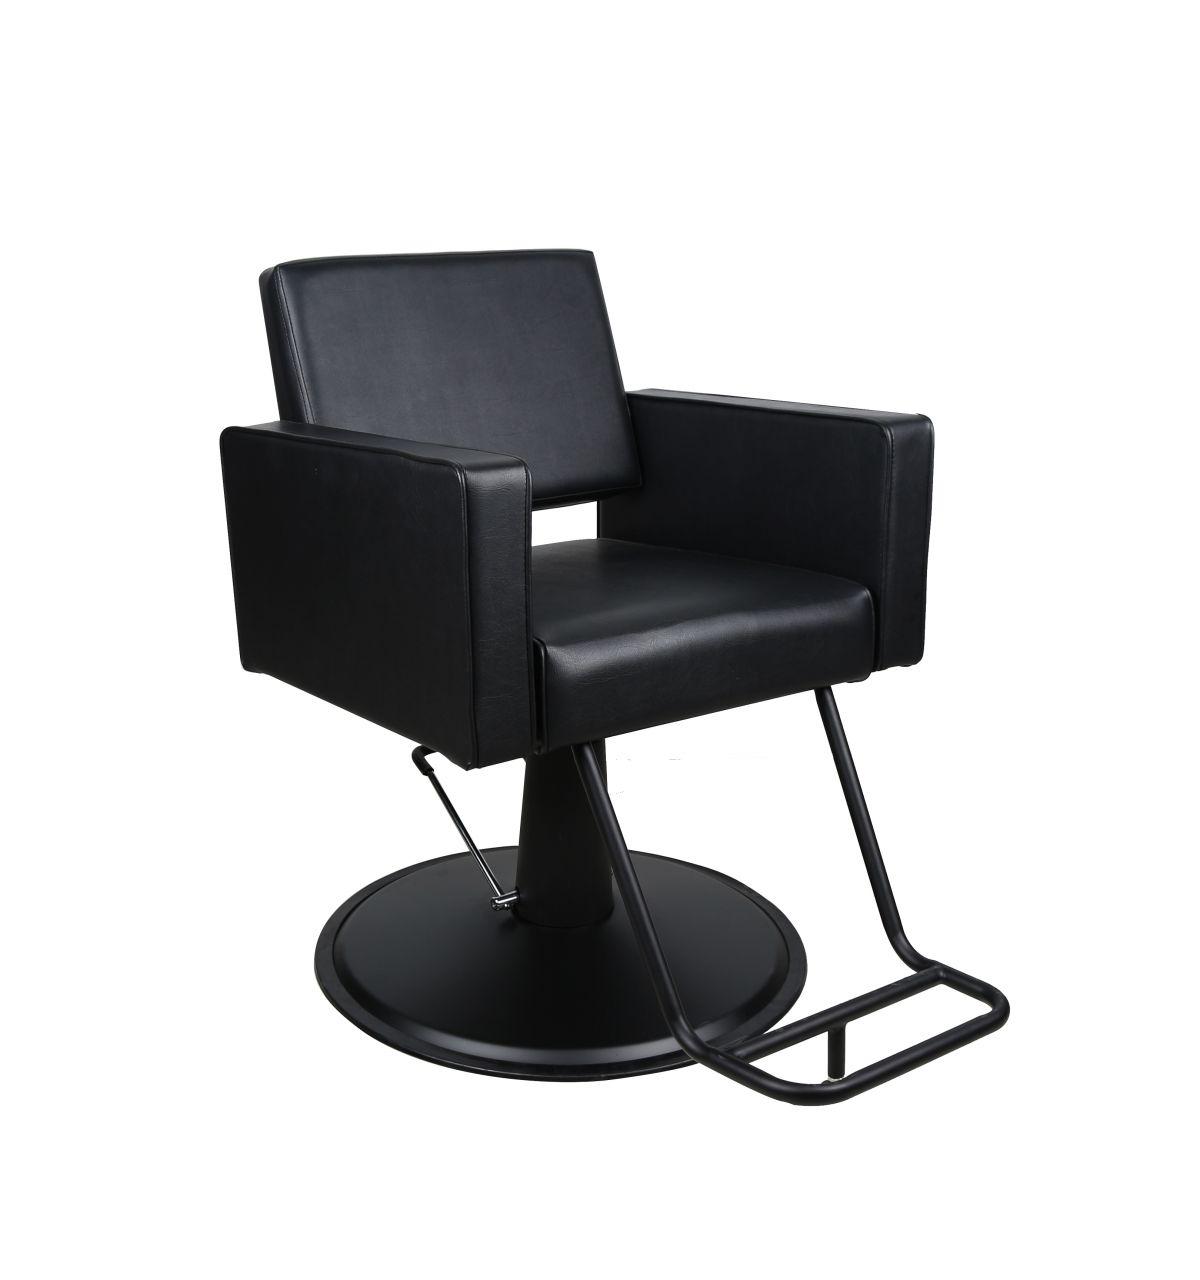 BLACK fodrász szék